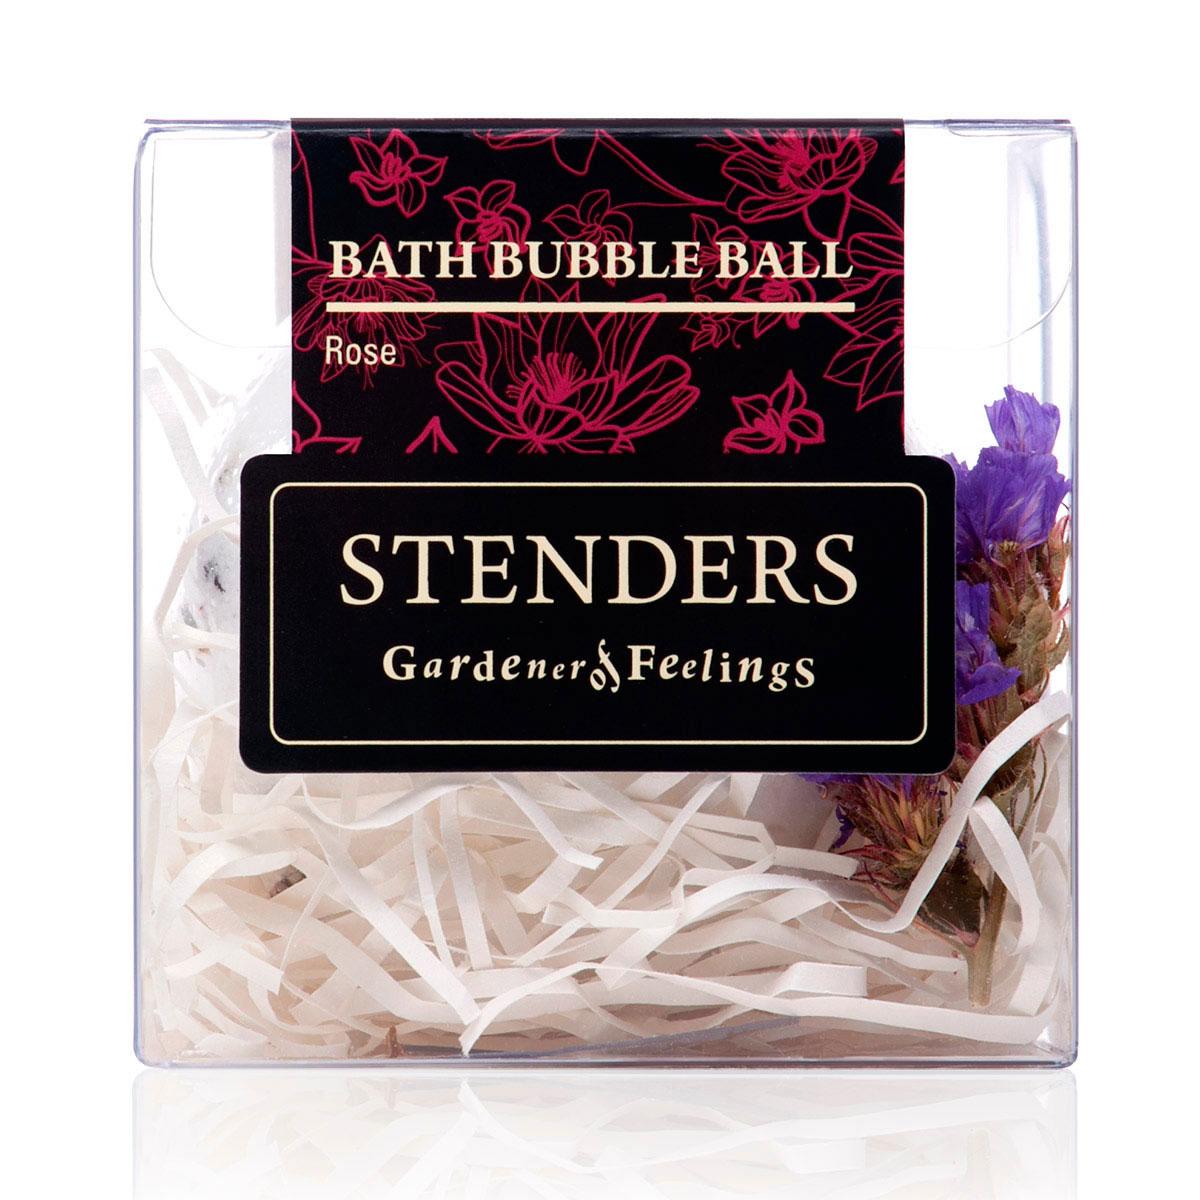 Stenders Бурлящий шар Розовый, 125 гFS-00897Ваши любимые бурлящие шары, упакованные в красивую коробку - готовы удивлять и радовать. Этот изготовленный умелыми руками бурлящий шар для ванны наполнит помещение волнующим сердце королевским ароматом роз. Пока вы будете наслаждаться расслабленным отдыхом, о вашей коже позаботятся содержащиеся в шарике кристаллы соли и масло виноградных косточек. А в ванне распустятся изысканные лепестки розы, вдохновляя вас на романтические мгновения для двоих.Масло виноградных косточек особенно хорошо тем, что содержит ненасыщенные жирные кислоты в большой концентрации. Оно придаст жизненную силу вашей коже, тщательно увлажняя и смягчая ее. Кристаллы соли моря богаты ионами кальция, калия и натрия. Эти вещества очистят вашу кожу и укрепят ногти. Релаксирующая ванна с солью помогает регулировать уровень влаги в клетках, устраняя припухлость и снимая усталость.